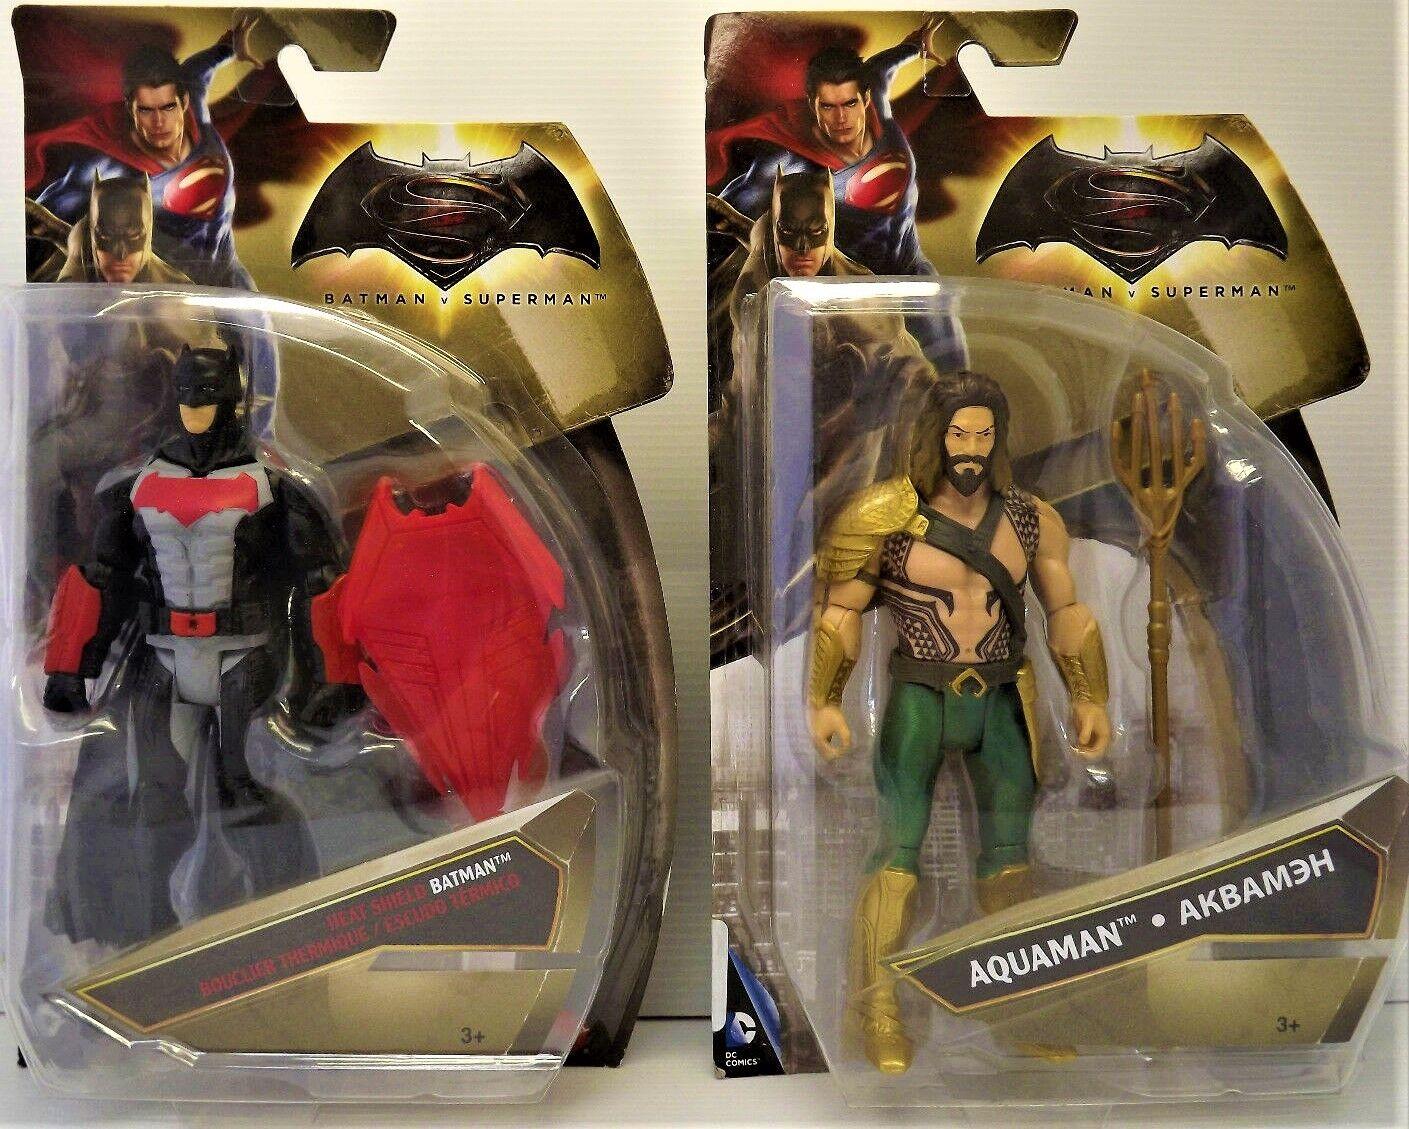 Set of 2 Figurines DC COMICS - BATMAN v SUPERMAN - AQUAMAN & batman NEW